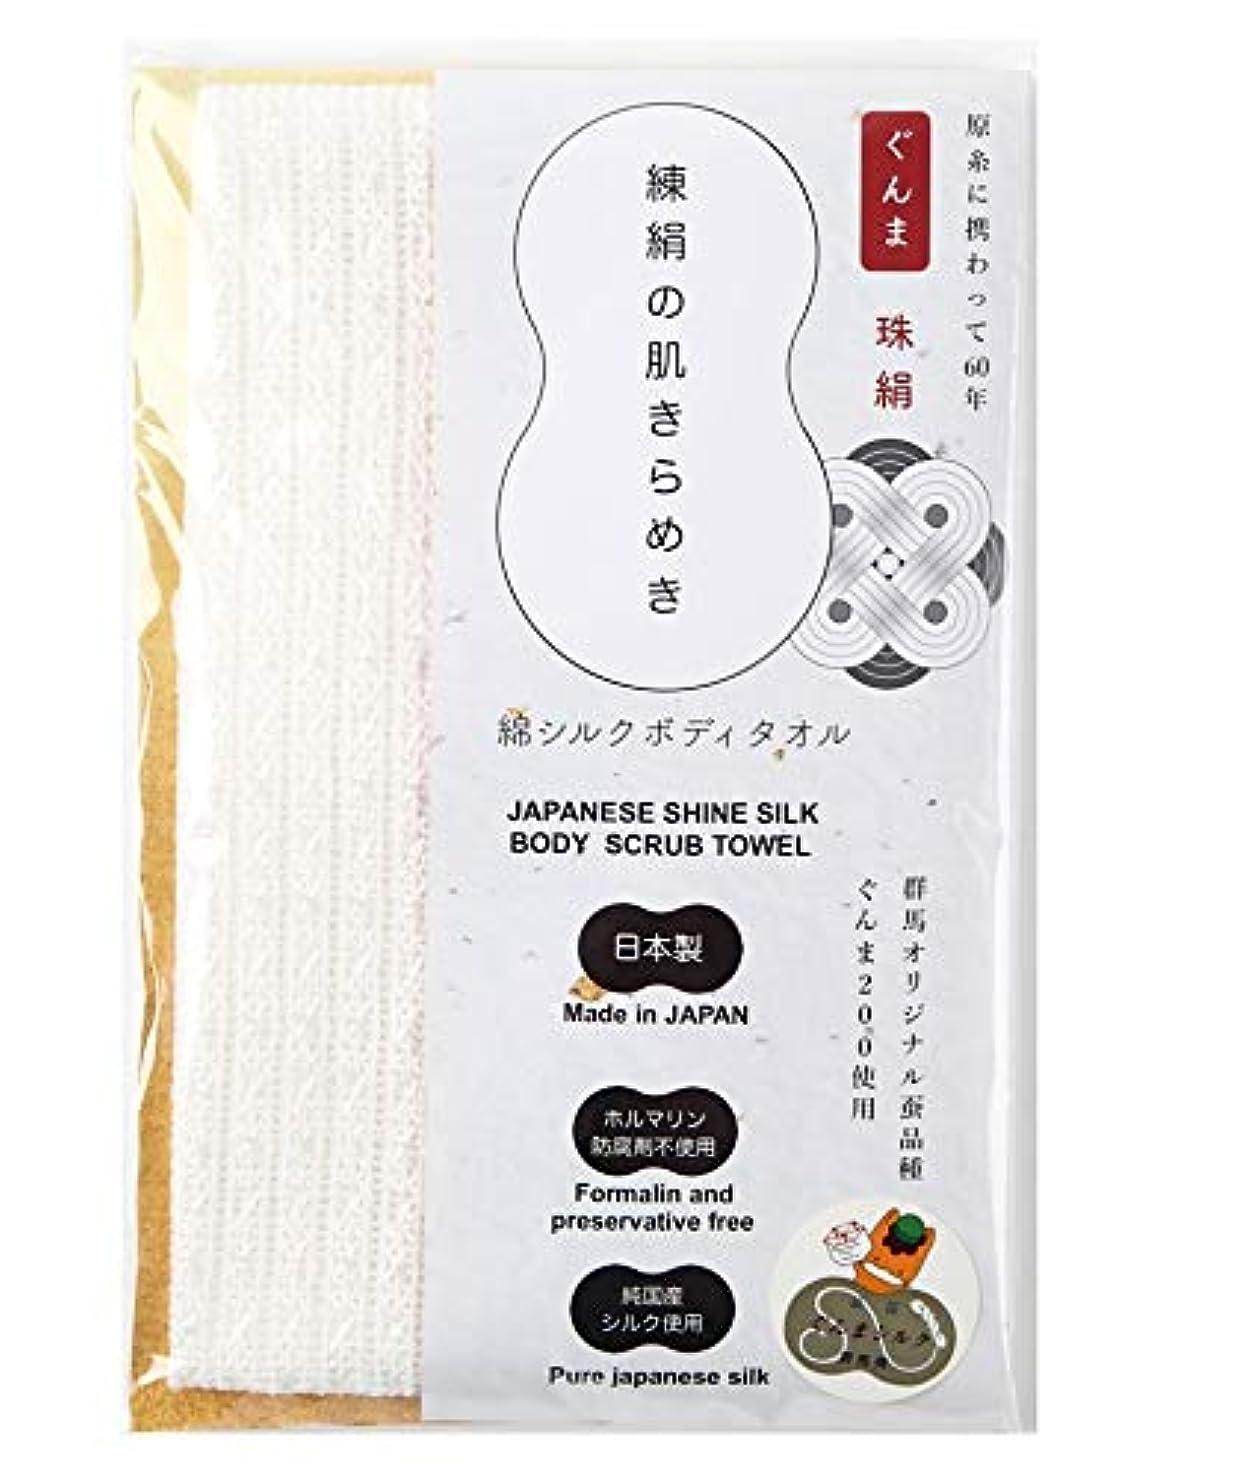 食料品店無知微妙くーる&ほっと 珠絹(たまぎぬ) 練絹の肌きらめき 純国産絹(ぐんまシルク)使用 日本製 綿シルクボディタオル